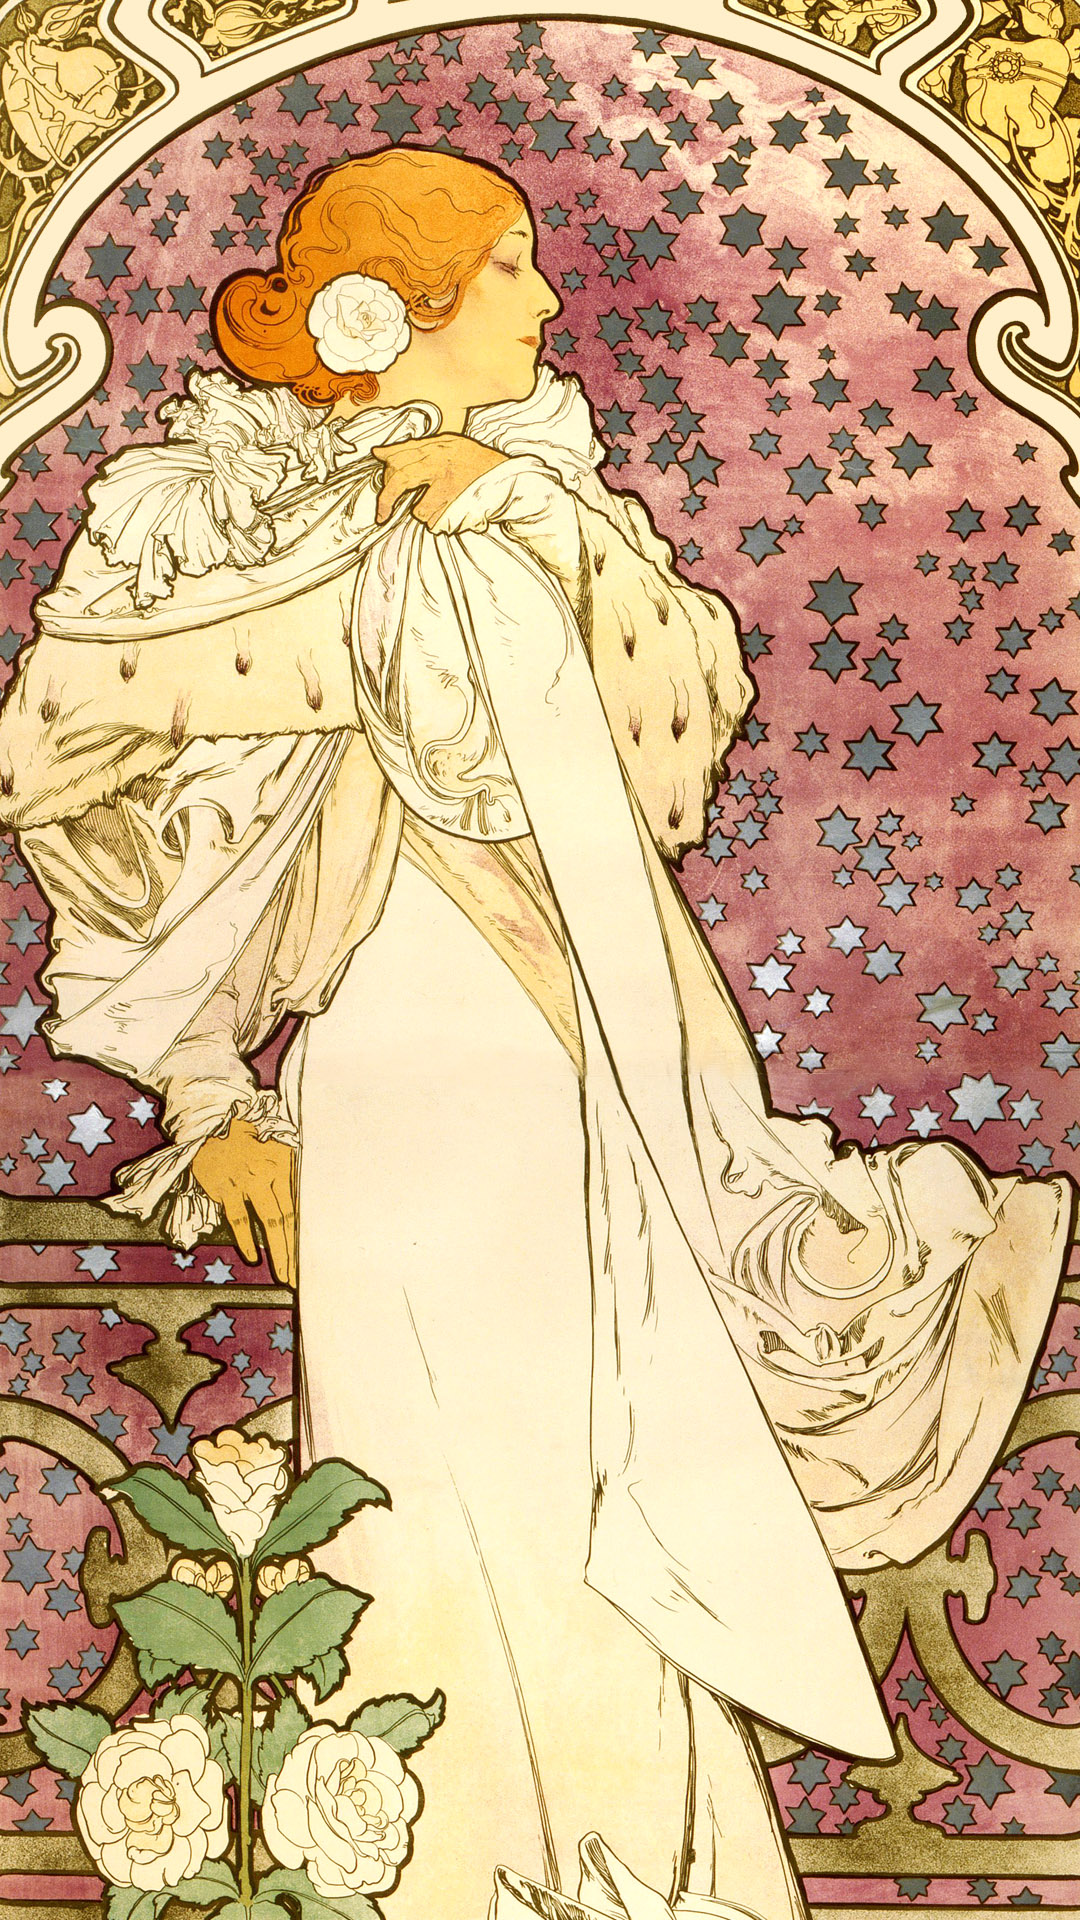 ミュシャ 椿姫 Alfons Mucha - La Dame aux Camélias 1080x1920